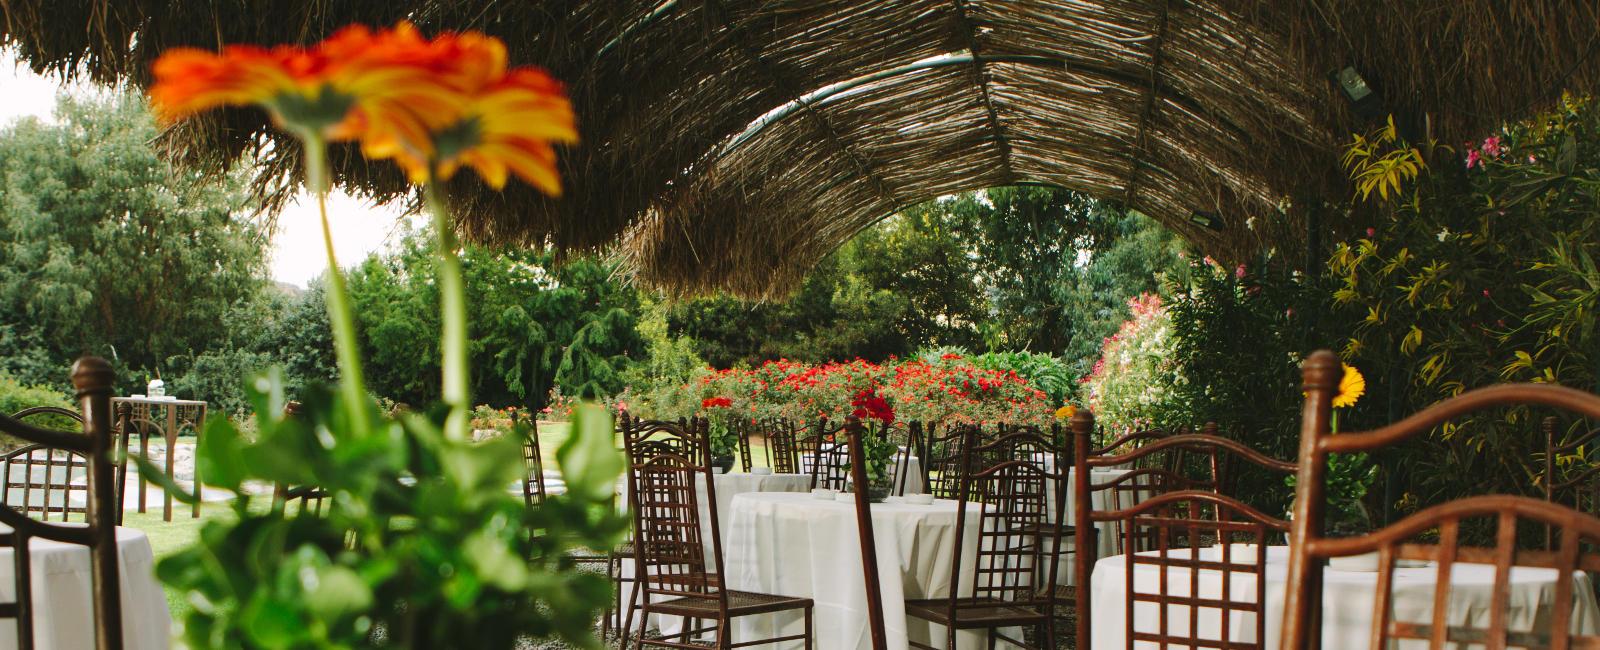 Matrimonio Rustico Santiago : El pregón centro de eventos